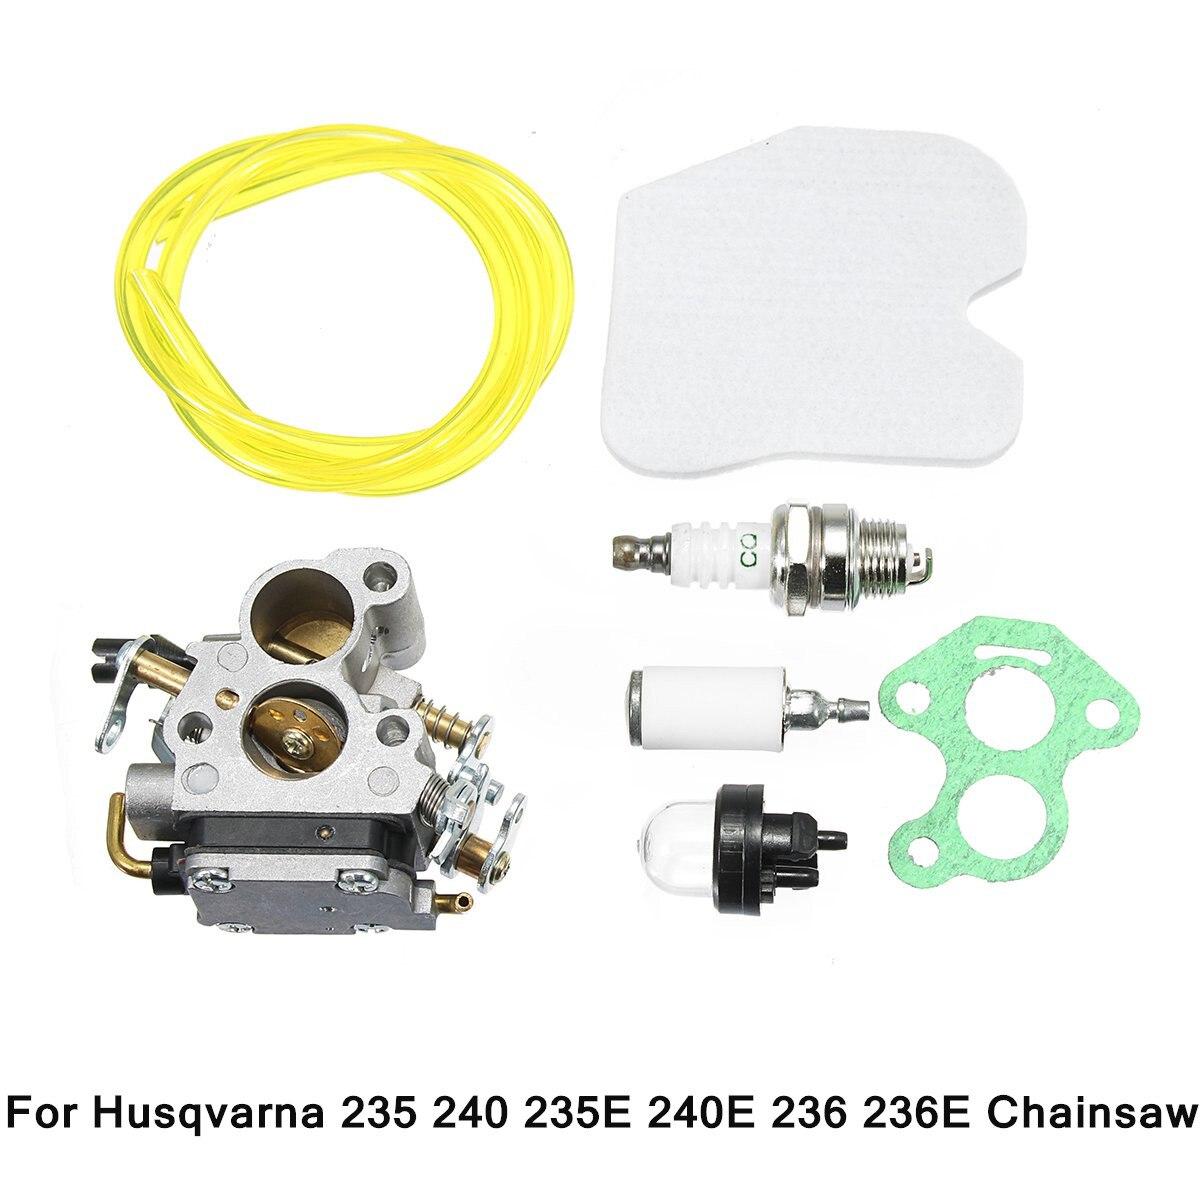 574719402 One set Carburetor Carb 574719402 For Husqvarna/235 235E 236 240 240E for Chainsaw 545072601 high performance genuine carburetor for husqvarna 125b 125bx 125bvx carb blower 545 08 18 11